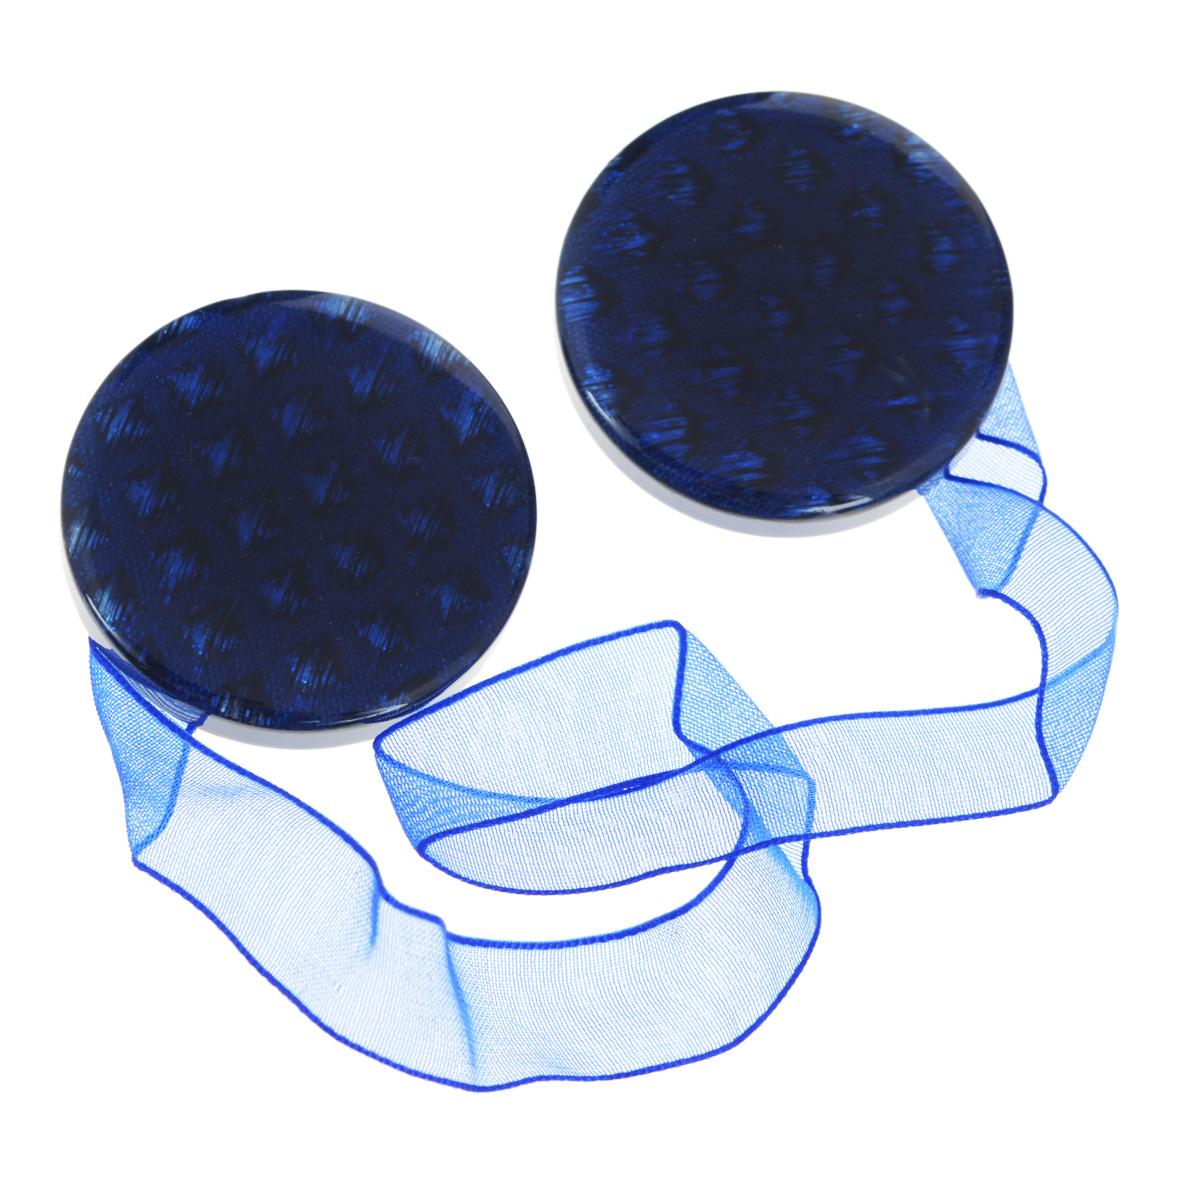 """Клипса-магнит """"Calamita Fiore"""", изготовленная из пластика, предназначена для придания формы шторам. Изделие представляет собой два магнита круглой формы, расположенные на разных концах текстильной ленты. С помощью такой магнитной клипсы можно зафиксировать портьеры, придать им требуемое положение, сделать складки симметричными или приблизить портьеры, скрепить их. Клипсы для штор являются универсальным изделием, которое превосходно подойдет как для штор в детской комнате, так и для штор в гостиной. Следует отметить, что клипсы для штор выполняют не только практическую функцию, но также являются одной из основных деталей декора этого изделия, которая придает шторам восхитительный, стильный внешний вид. Материал: полиэстер, пластик, магнит.Диаметр клипсы: 4 см.Длина ленты: 28 см."""